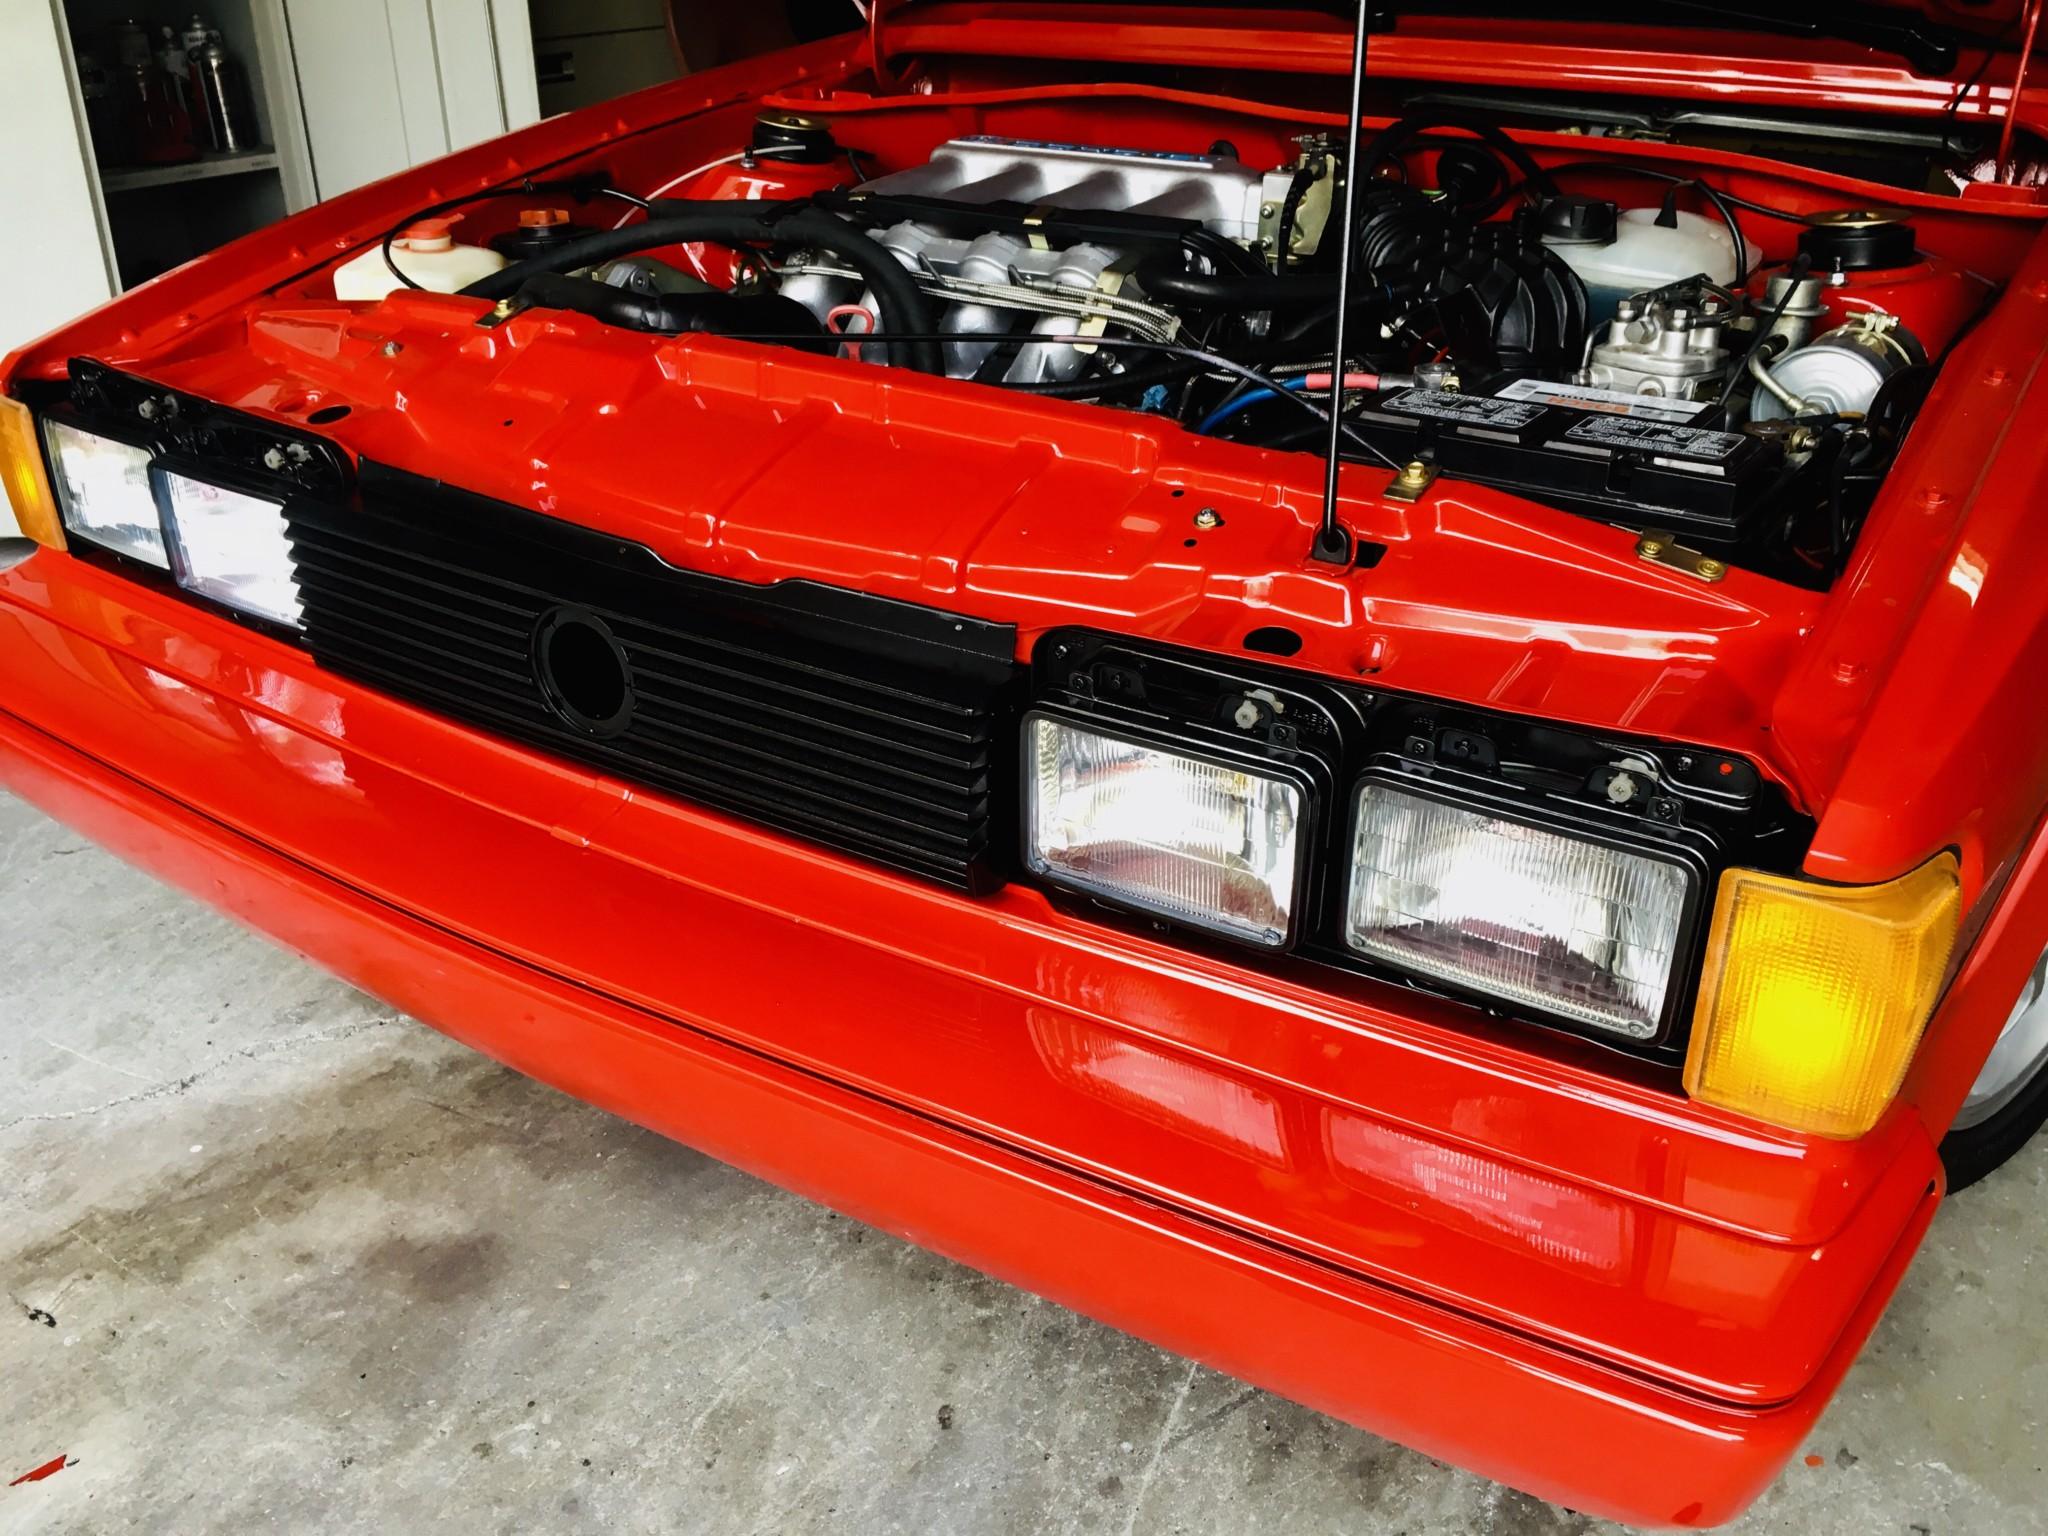 1986_volkswagen_scirocco_16v_15682434918764daC93B733B-B11E-4632-8E28-B28373241D5C